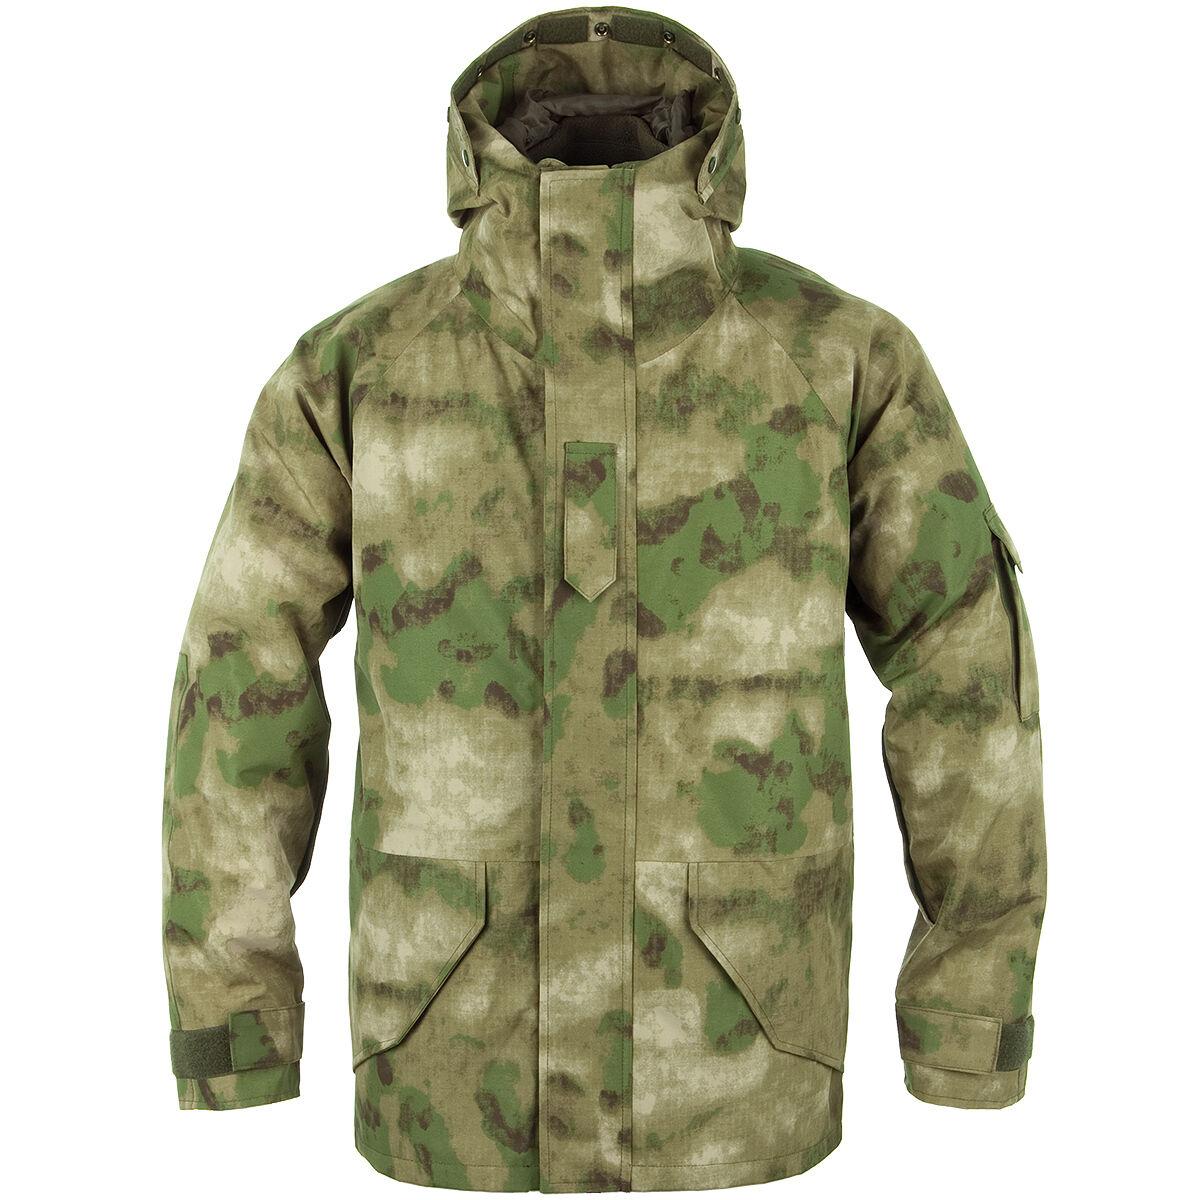 Us Cold wet weather humedad projoección Parquea  Army con fleece chaqueta mil-Tac FG s Small  aquí tiene la última